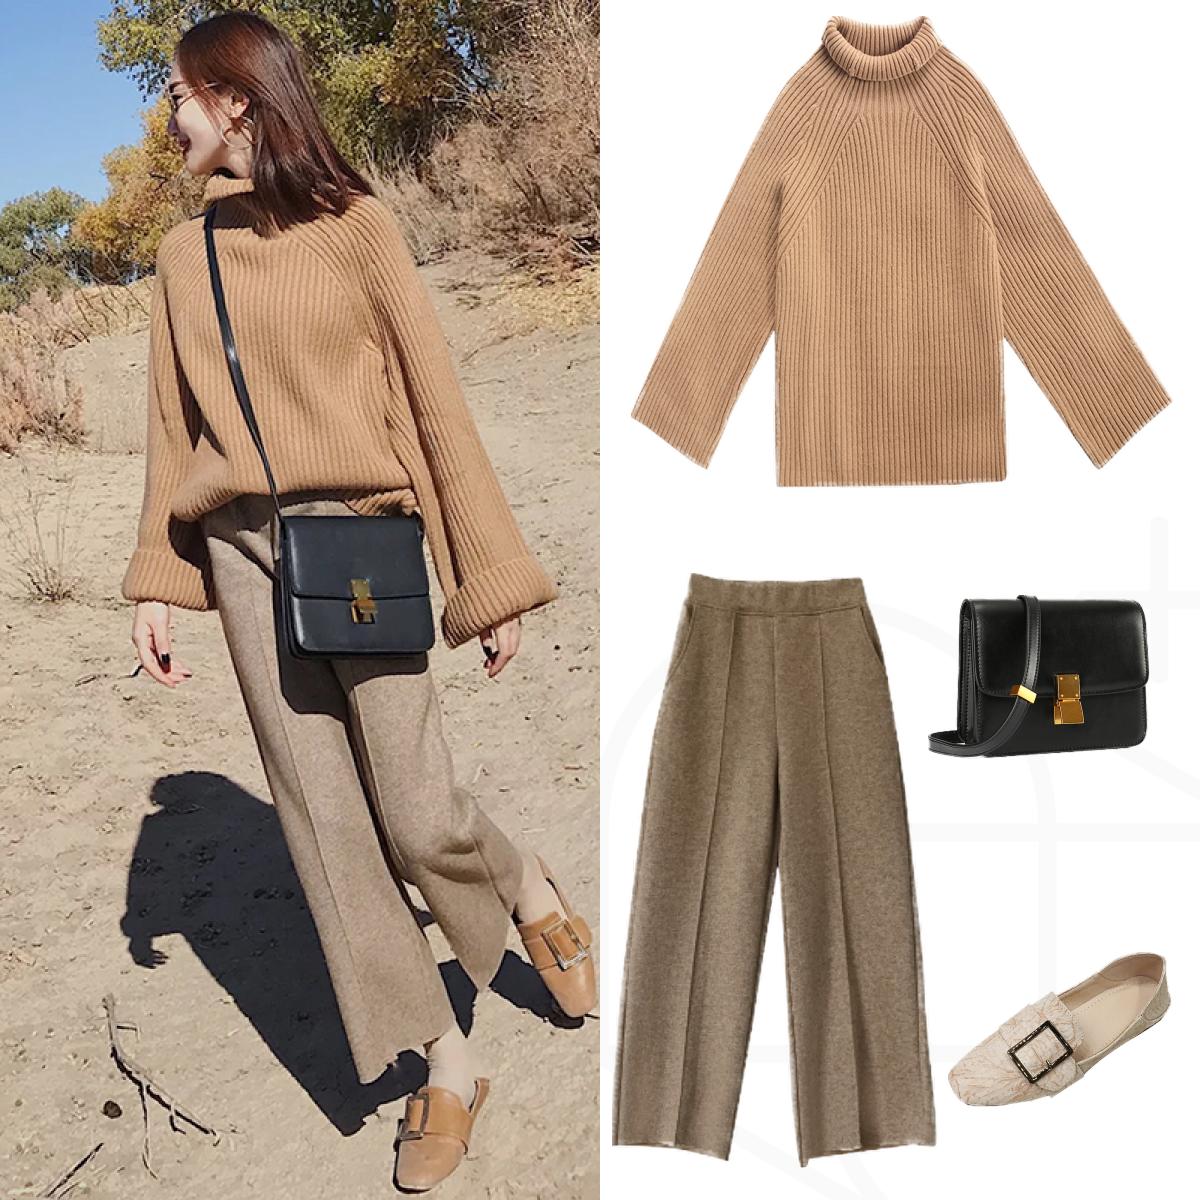 毛衣+阔腿裤,真的时髦又有女人味,外穿时髦,内搭保暖,超实用